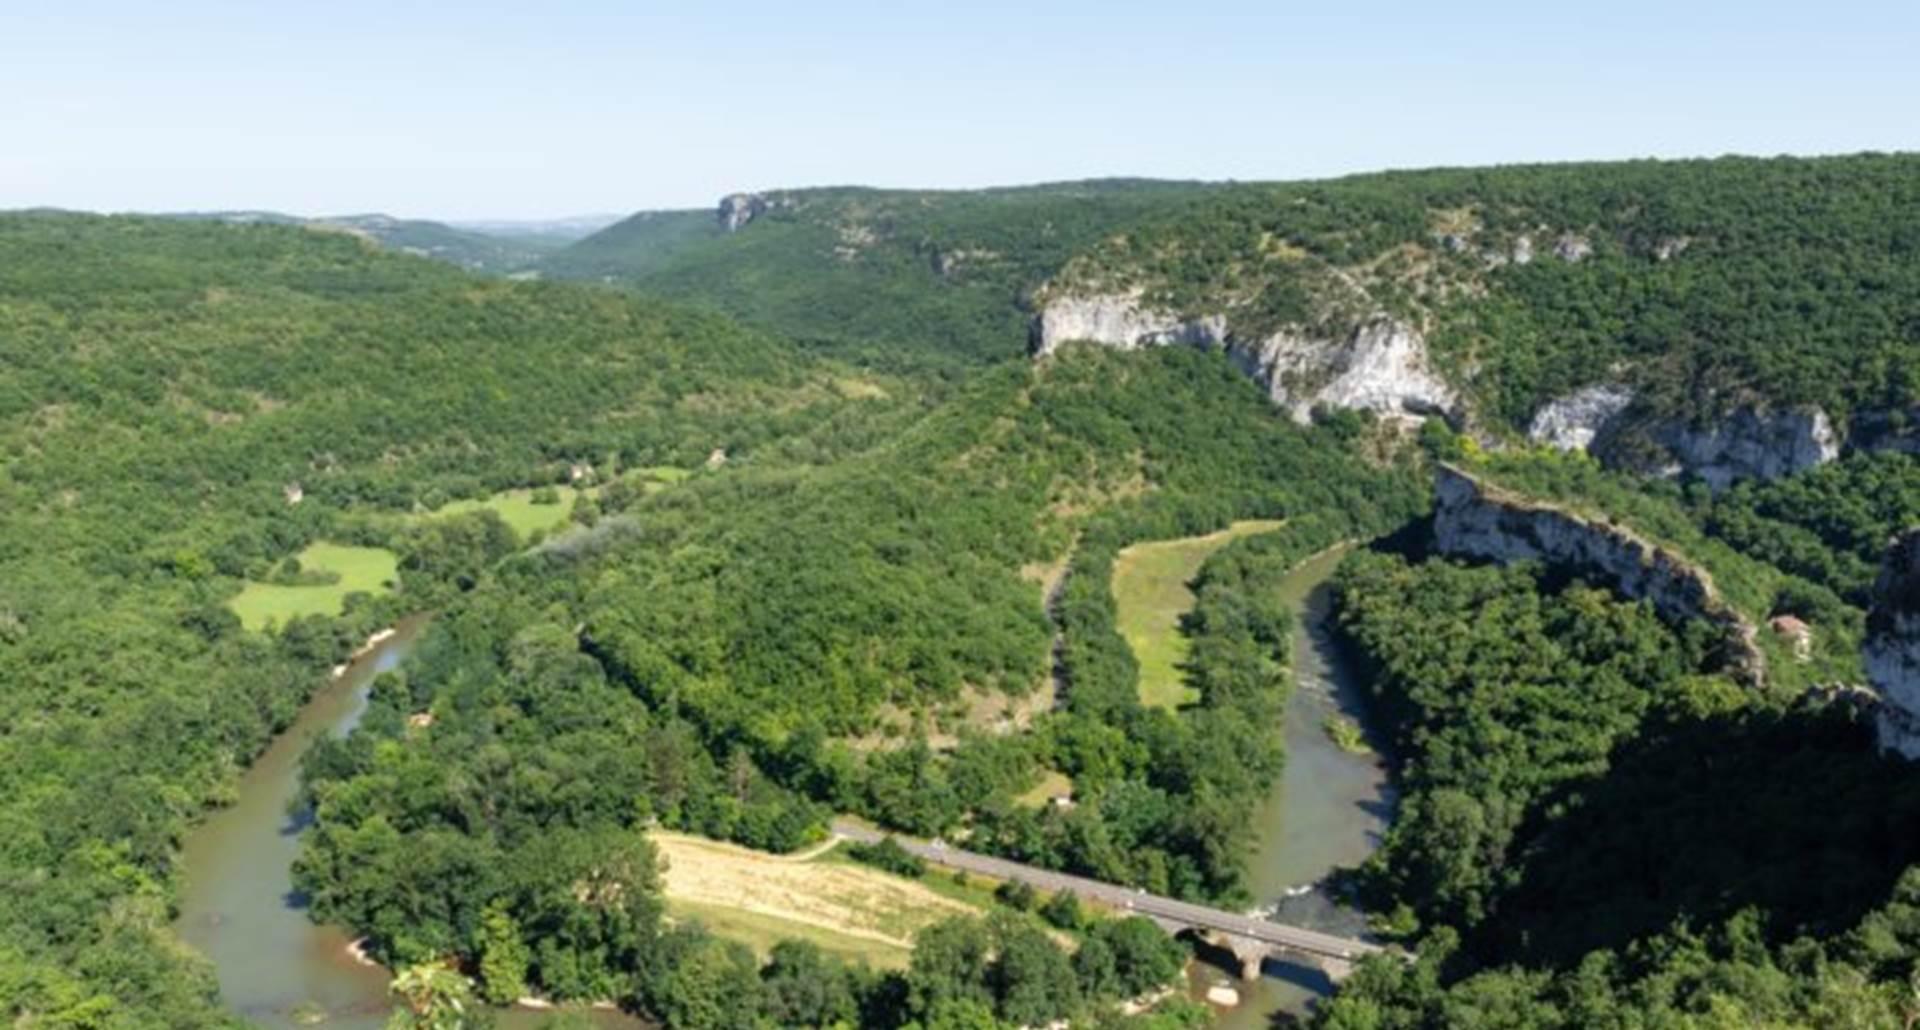 cirque-de-bone-aveyron-saint-antonin-noble-val un des plus beaux panoramas de la vallée